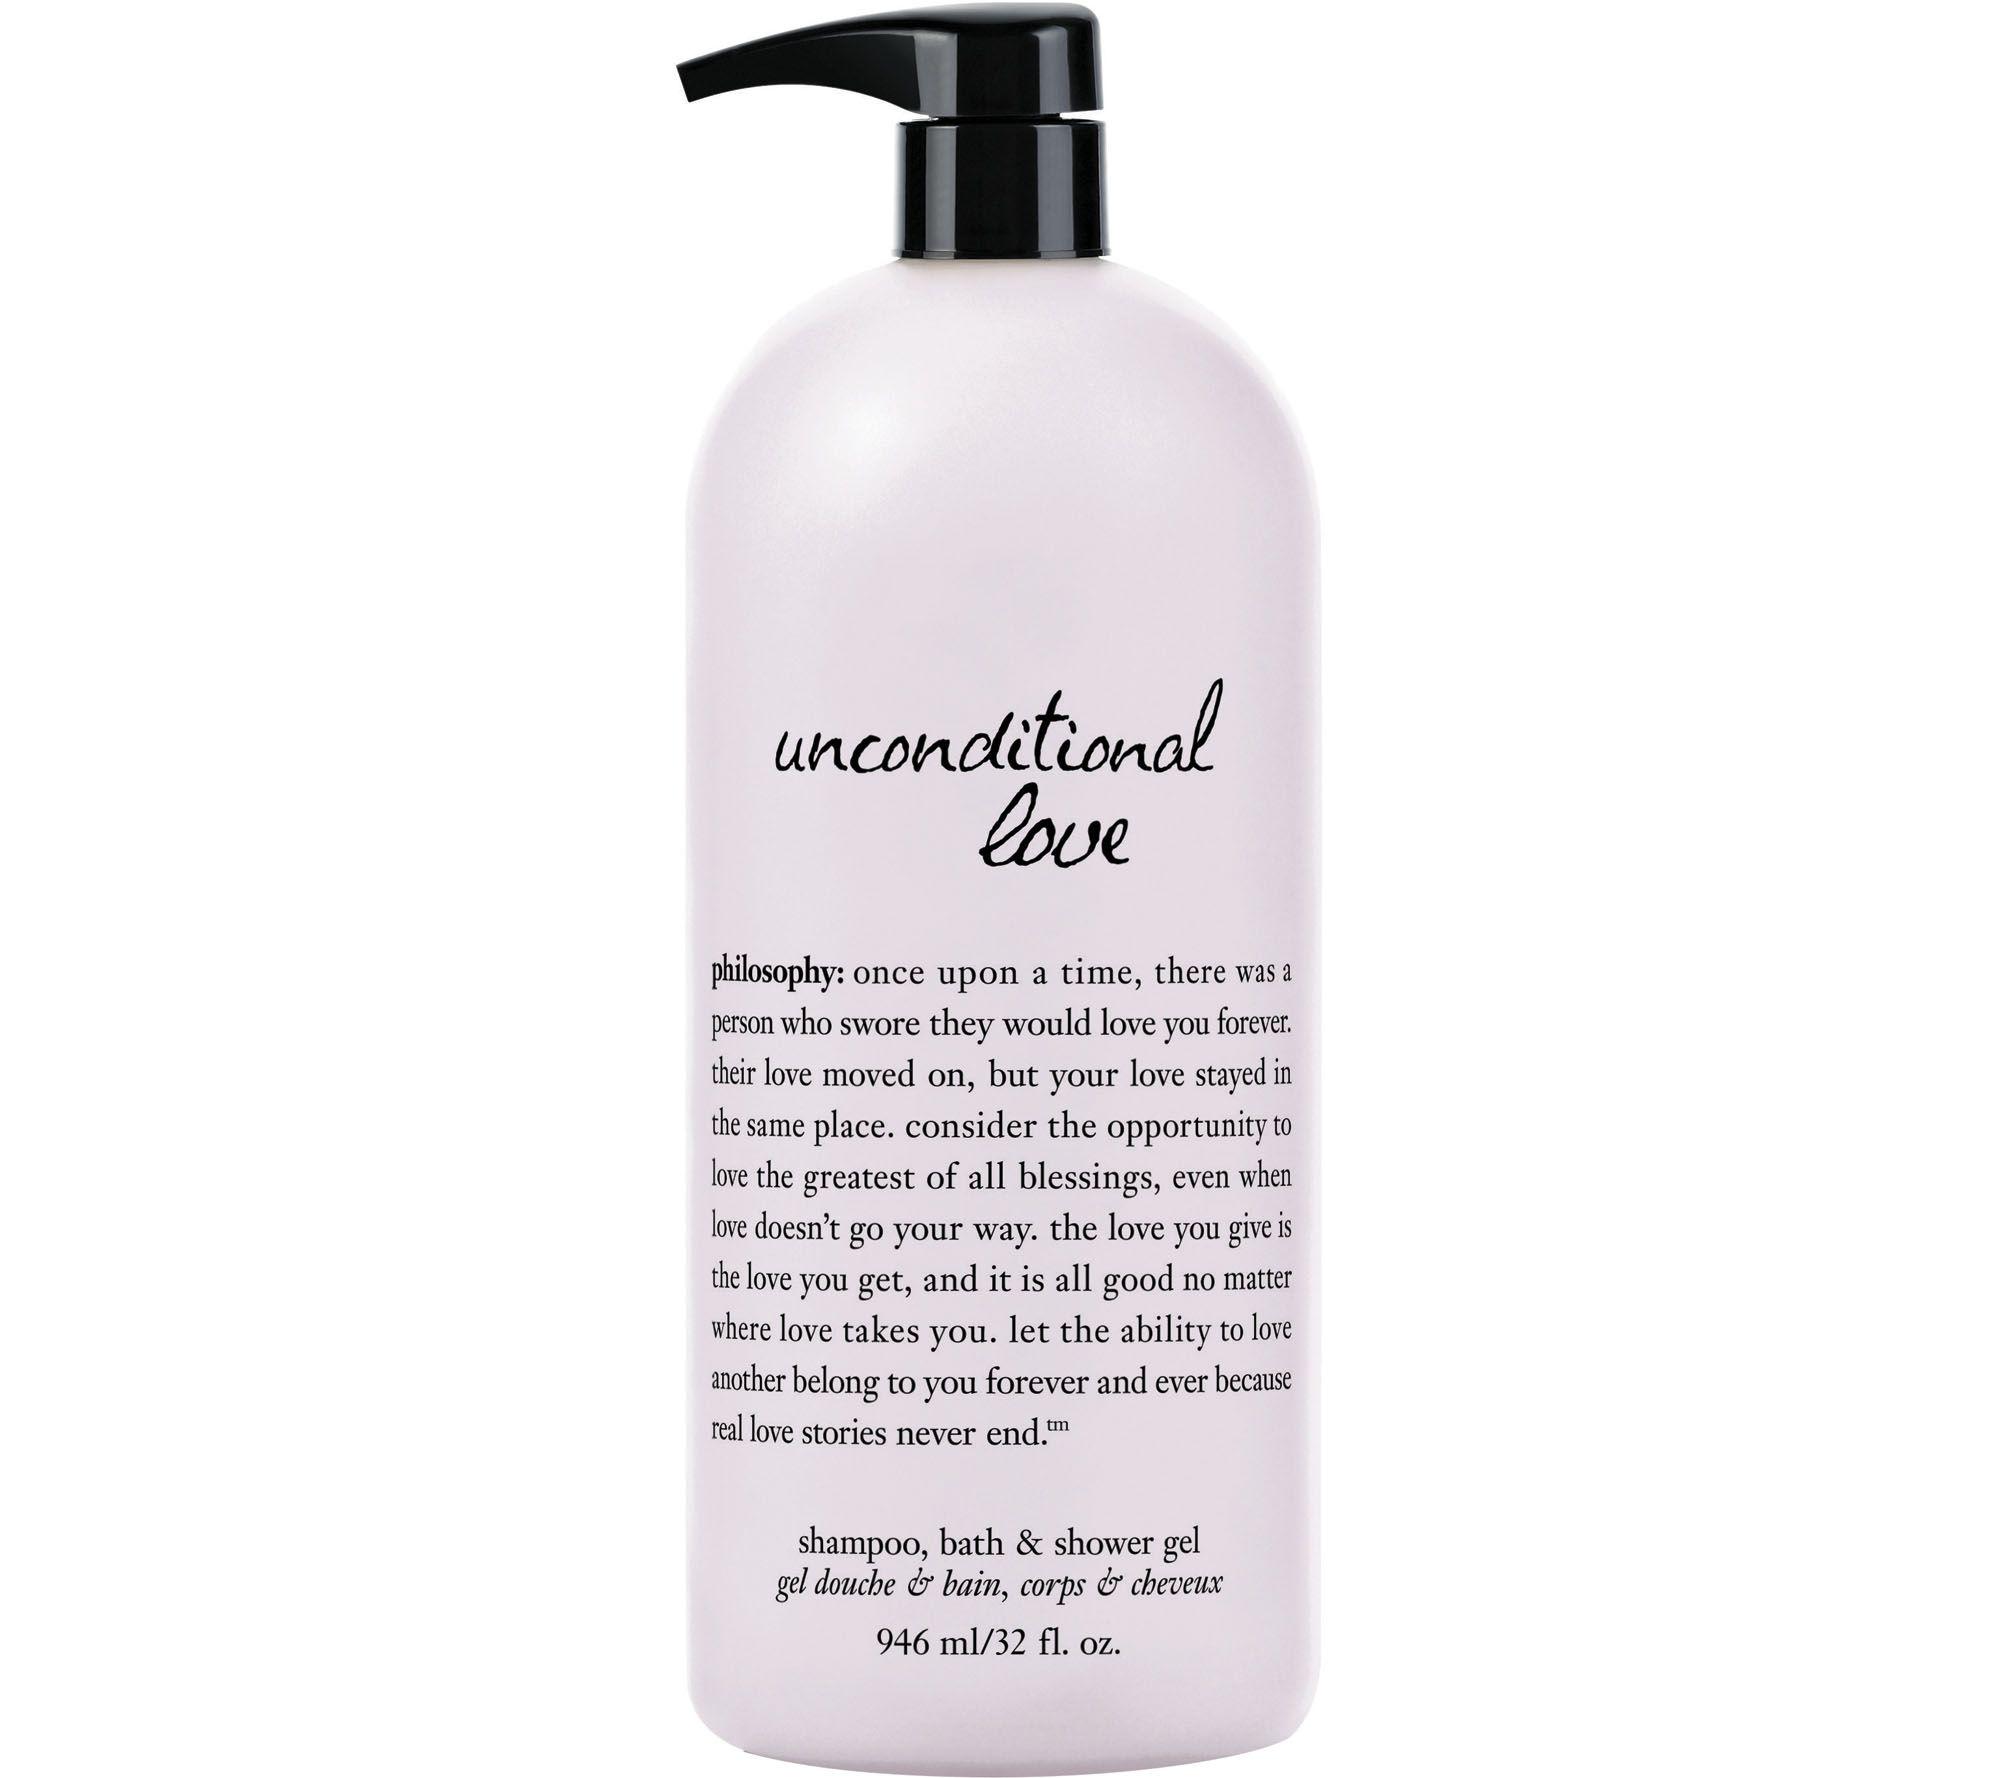 bath soaps gels bath body beauty qvc com philosophy unconditional love super size bath shower gel 32 oz a209835